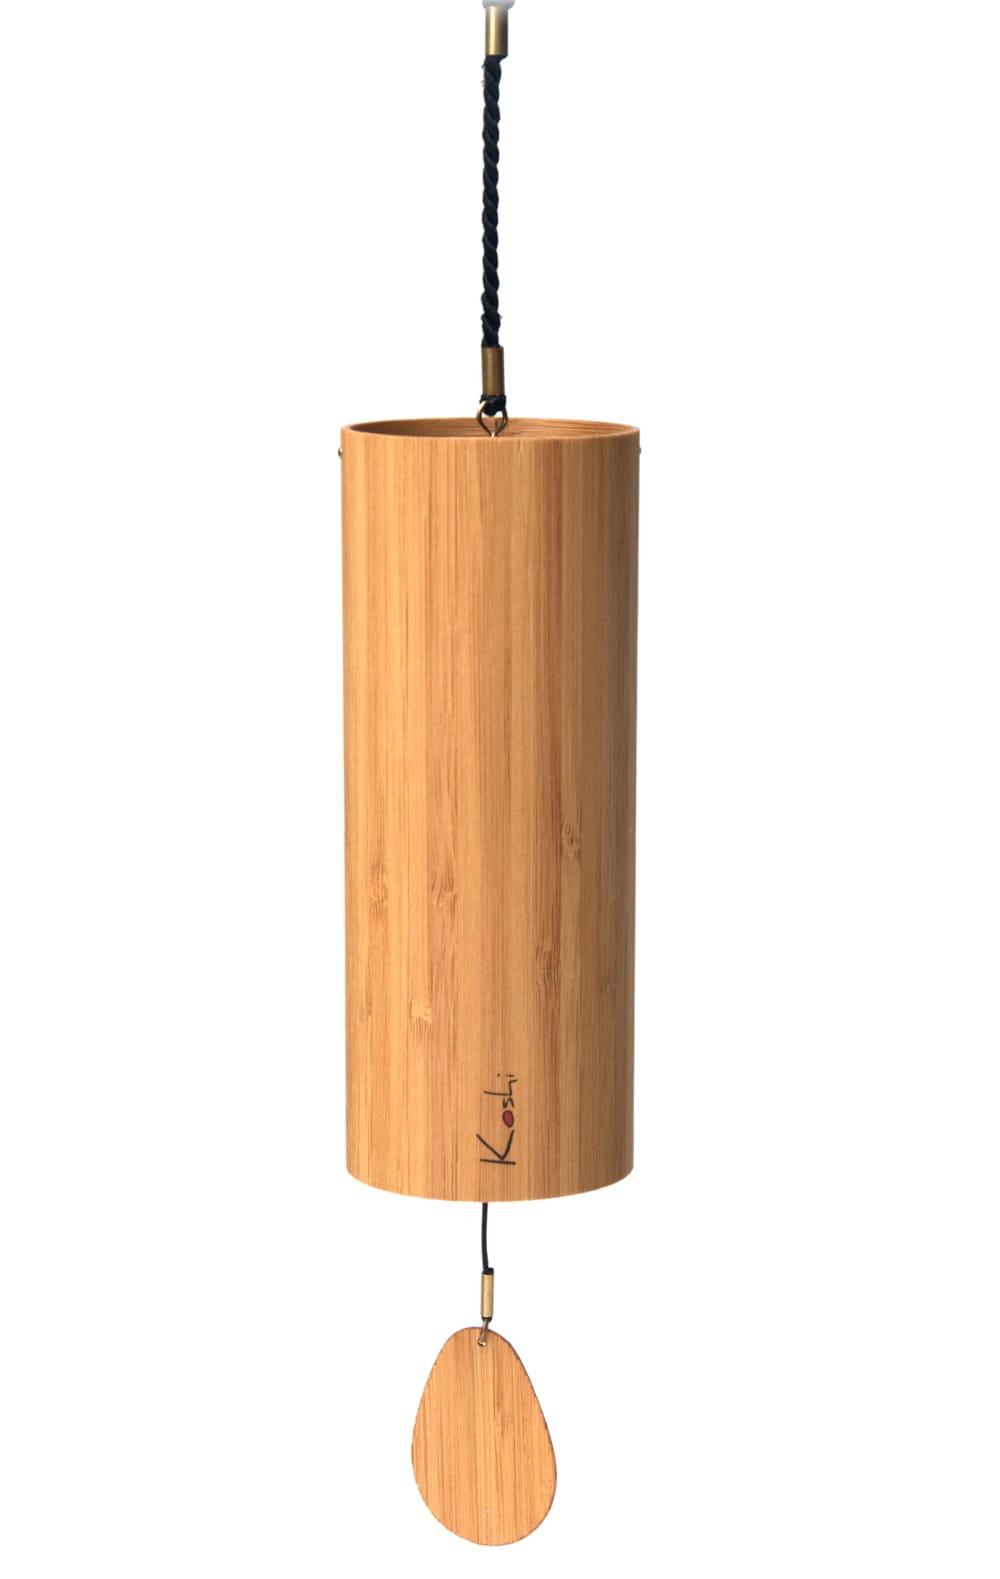 コシ・チャイム Koshi Chime (ヒーリング風鈴) - Aria 空 6 - シンプルに吊り下げたところです